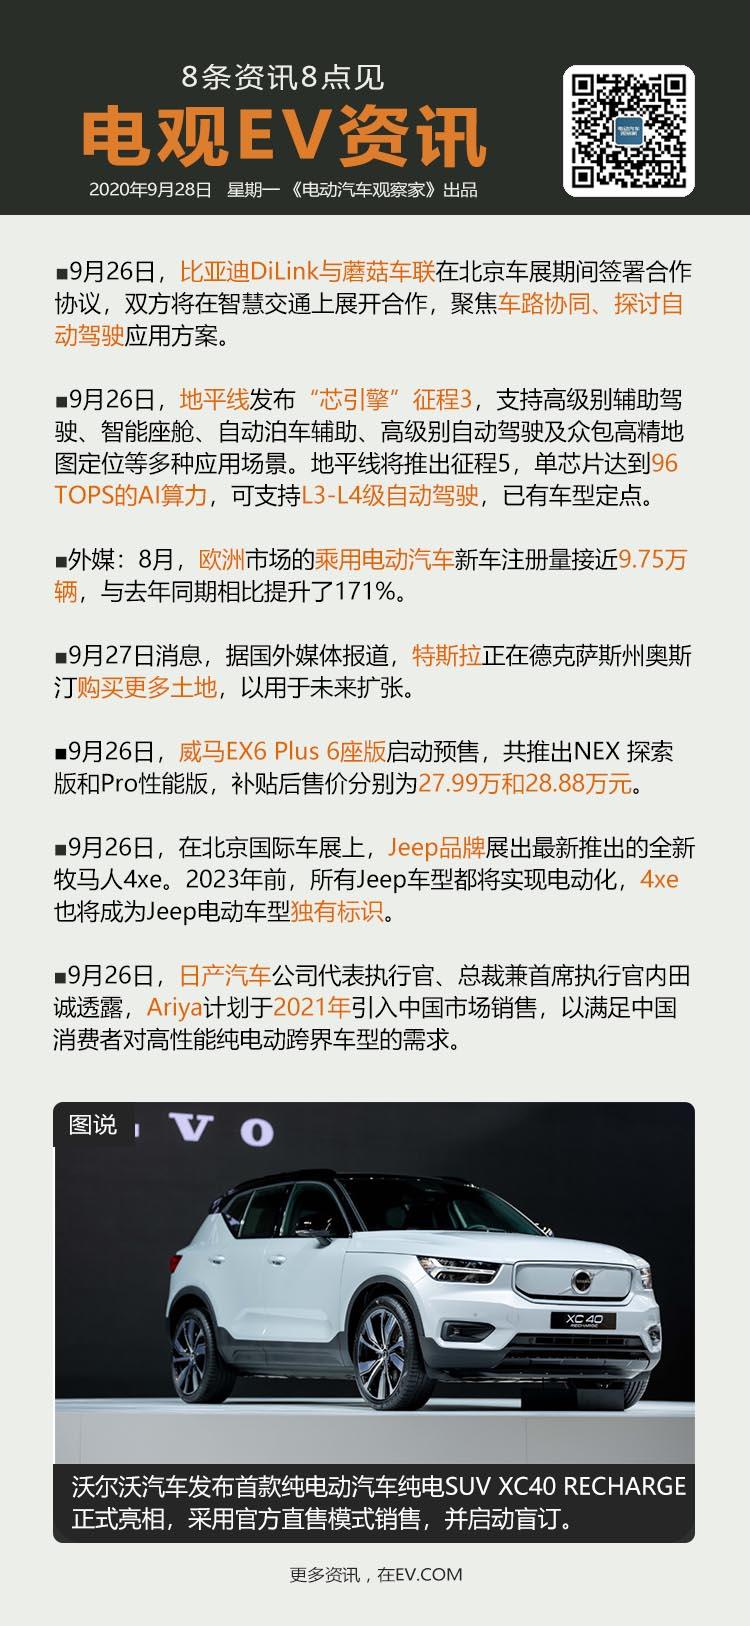 """9月28日:比亚迪与蘑菇车联达成合作、地平线发布""""芯引擎""""征程3、8月欧洲电动汽..."""